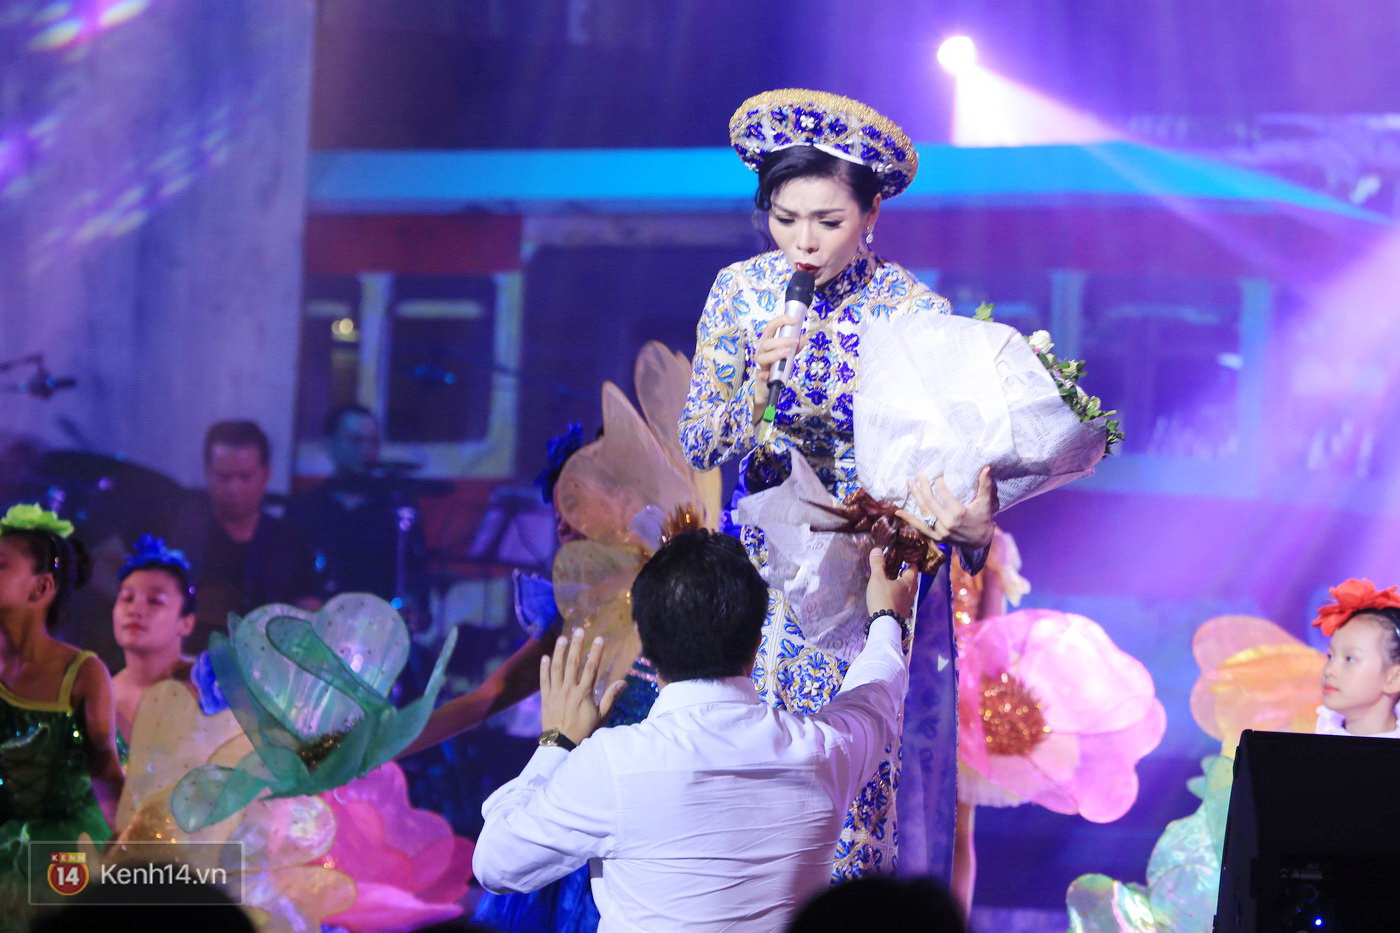 Lệ Quyên ước mình được làm cô dâu của Quang Dũng - Ảnh 9.